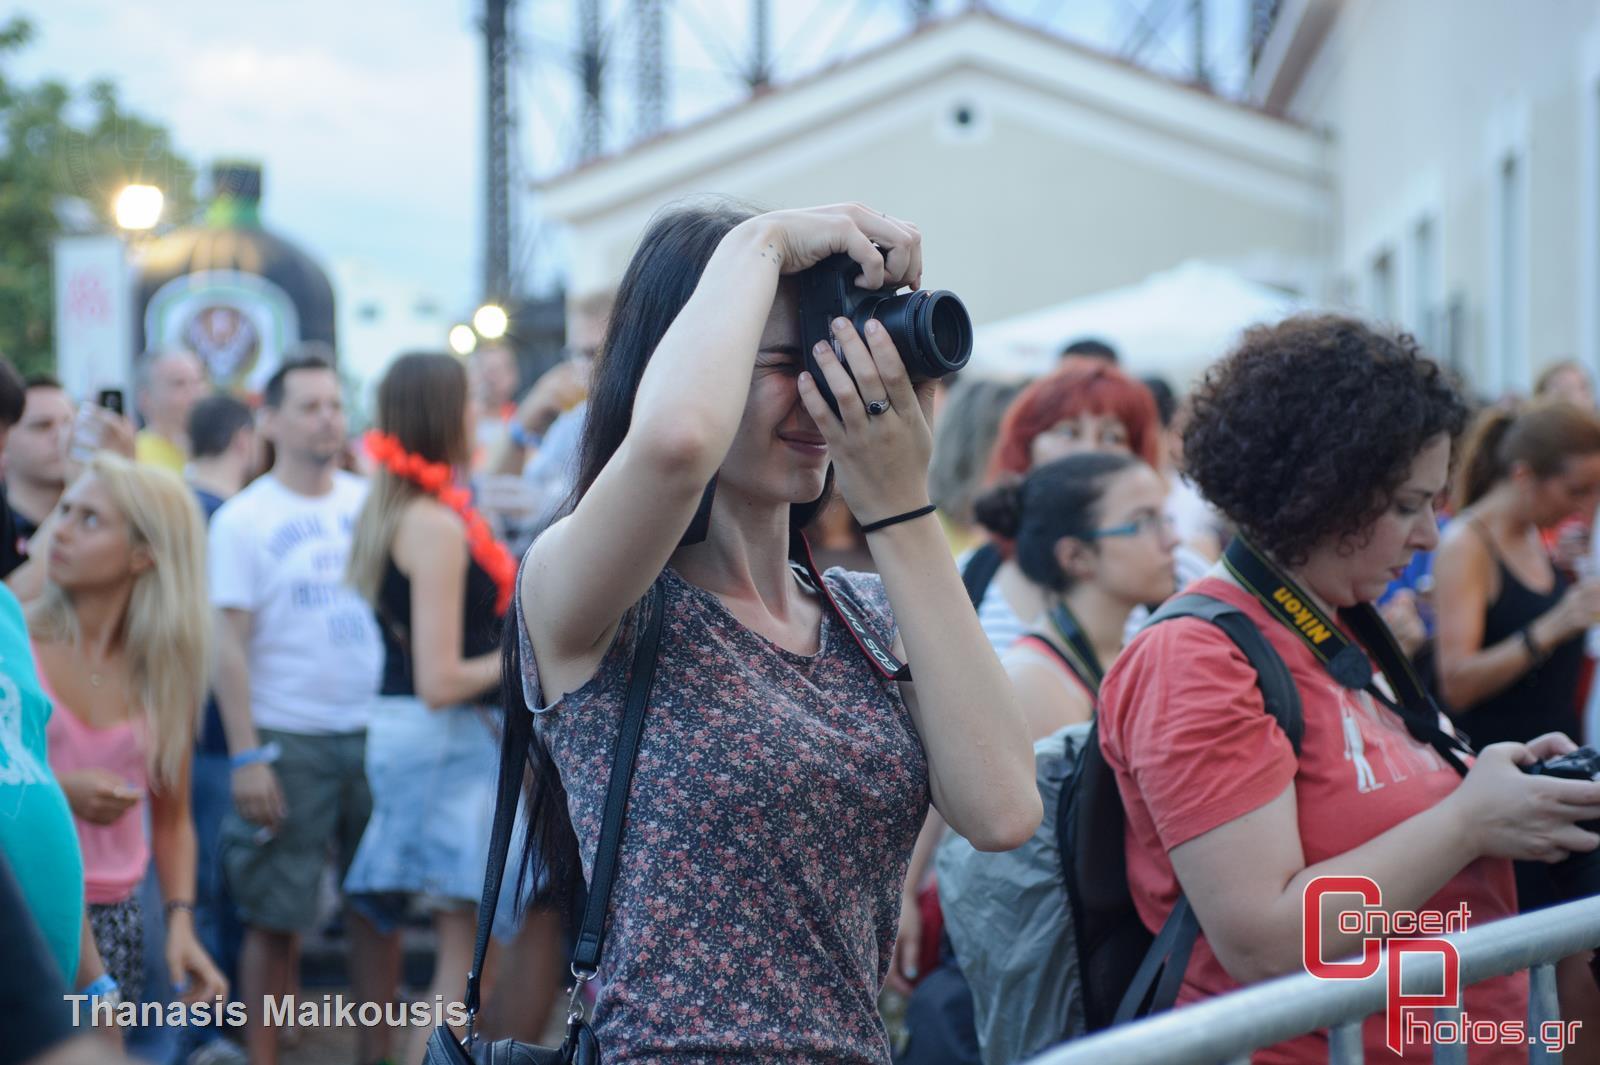 En Lefko 2014-En Lefko 2014 photographer: Thanasis Maikousis - concertphotos_20140620_20_42_56